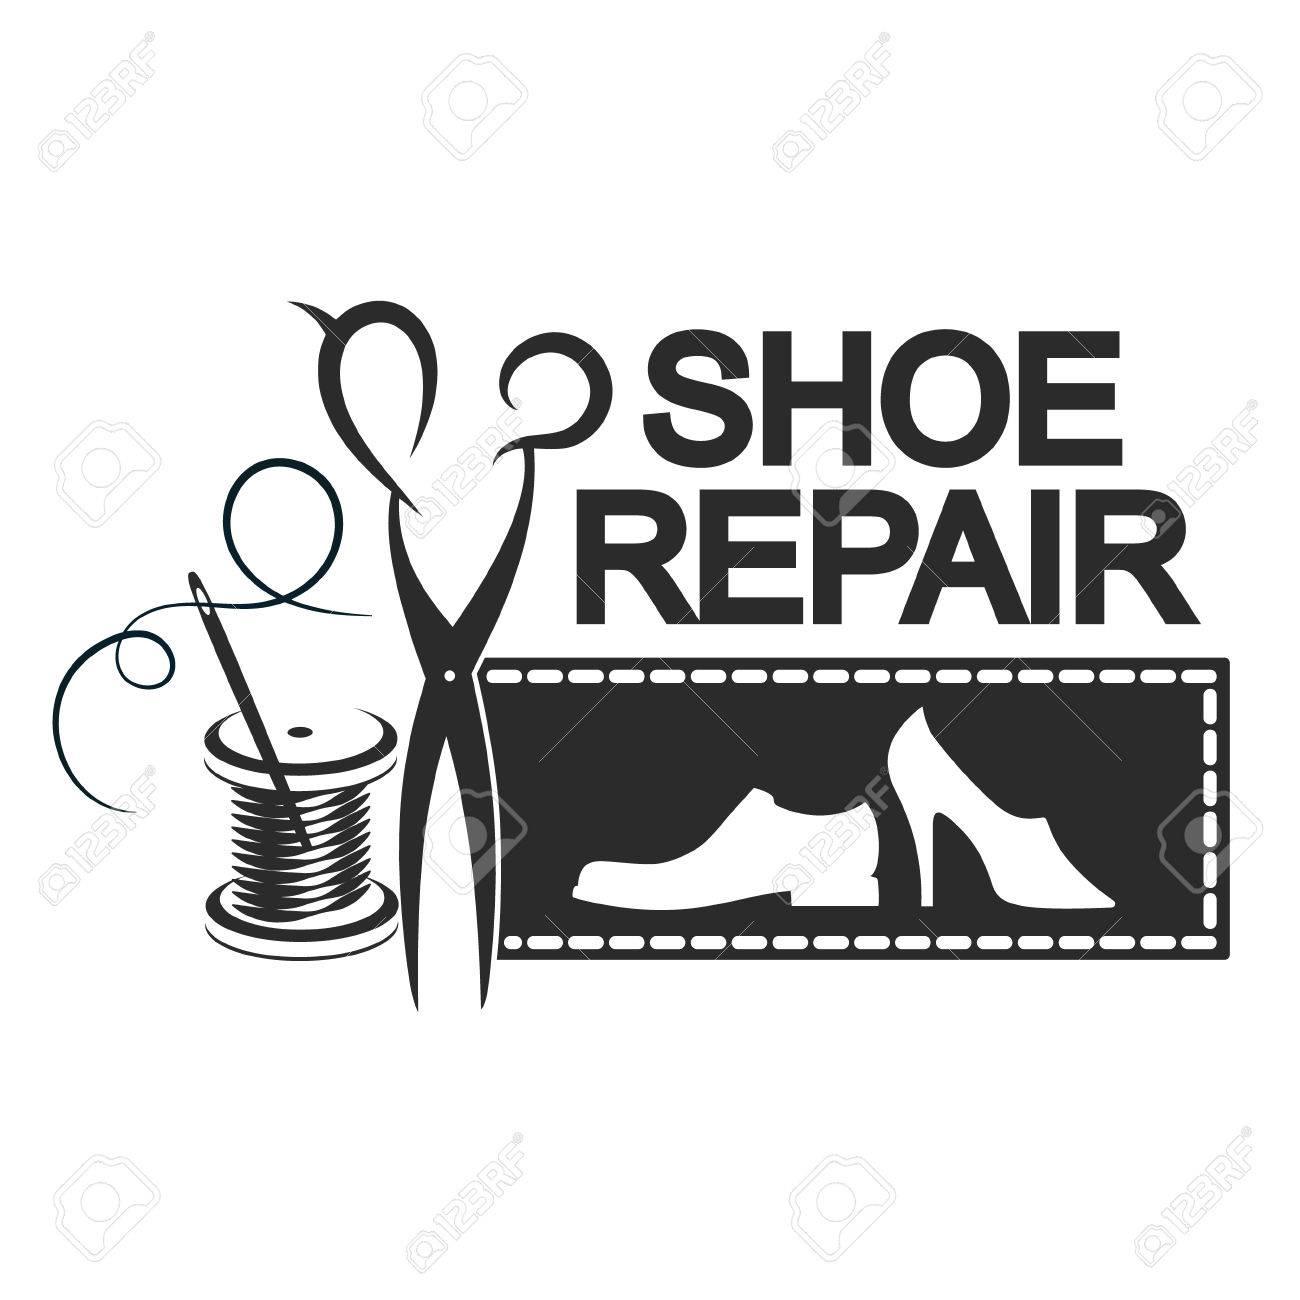 Les Chaussures Est De Pour Réparation Silhouette La Entreprises Une wPn0k8O